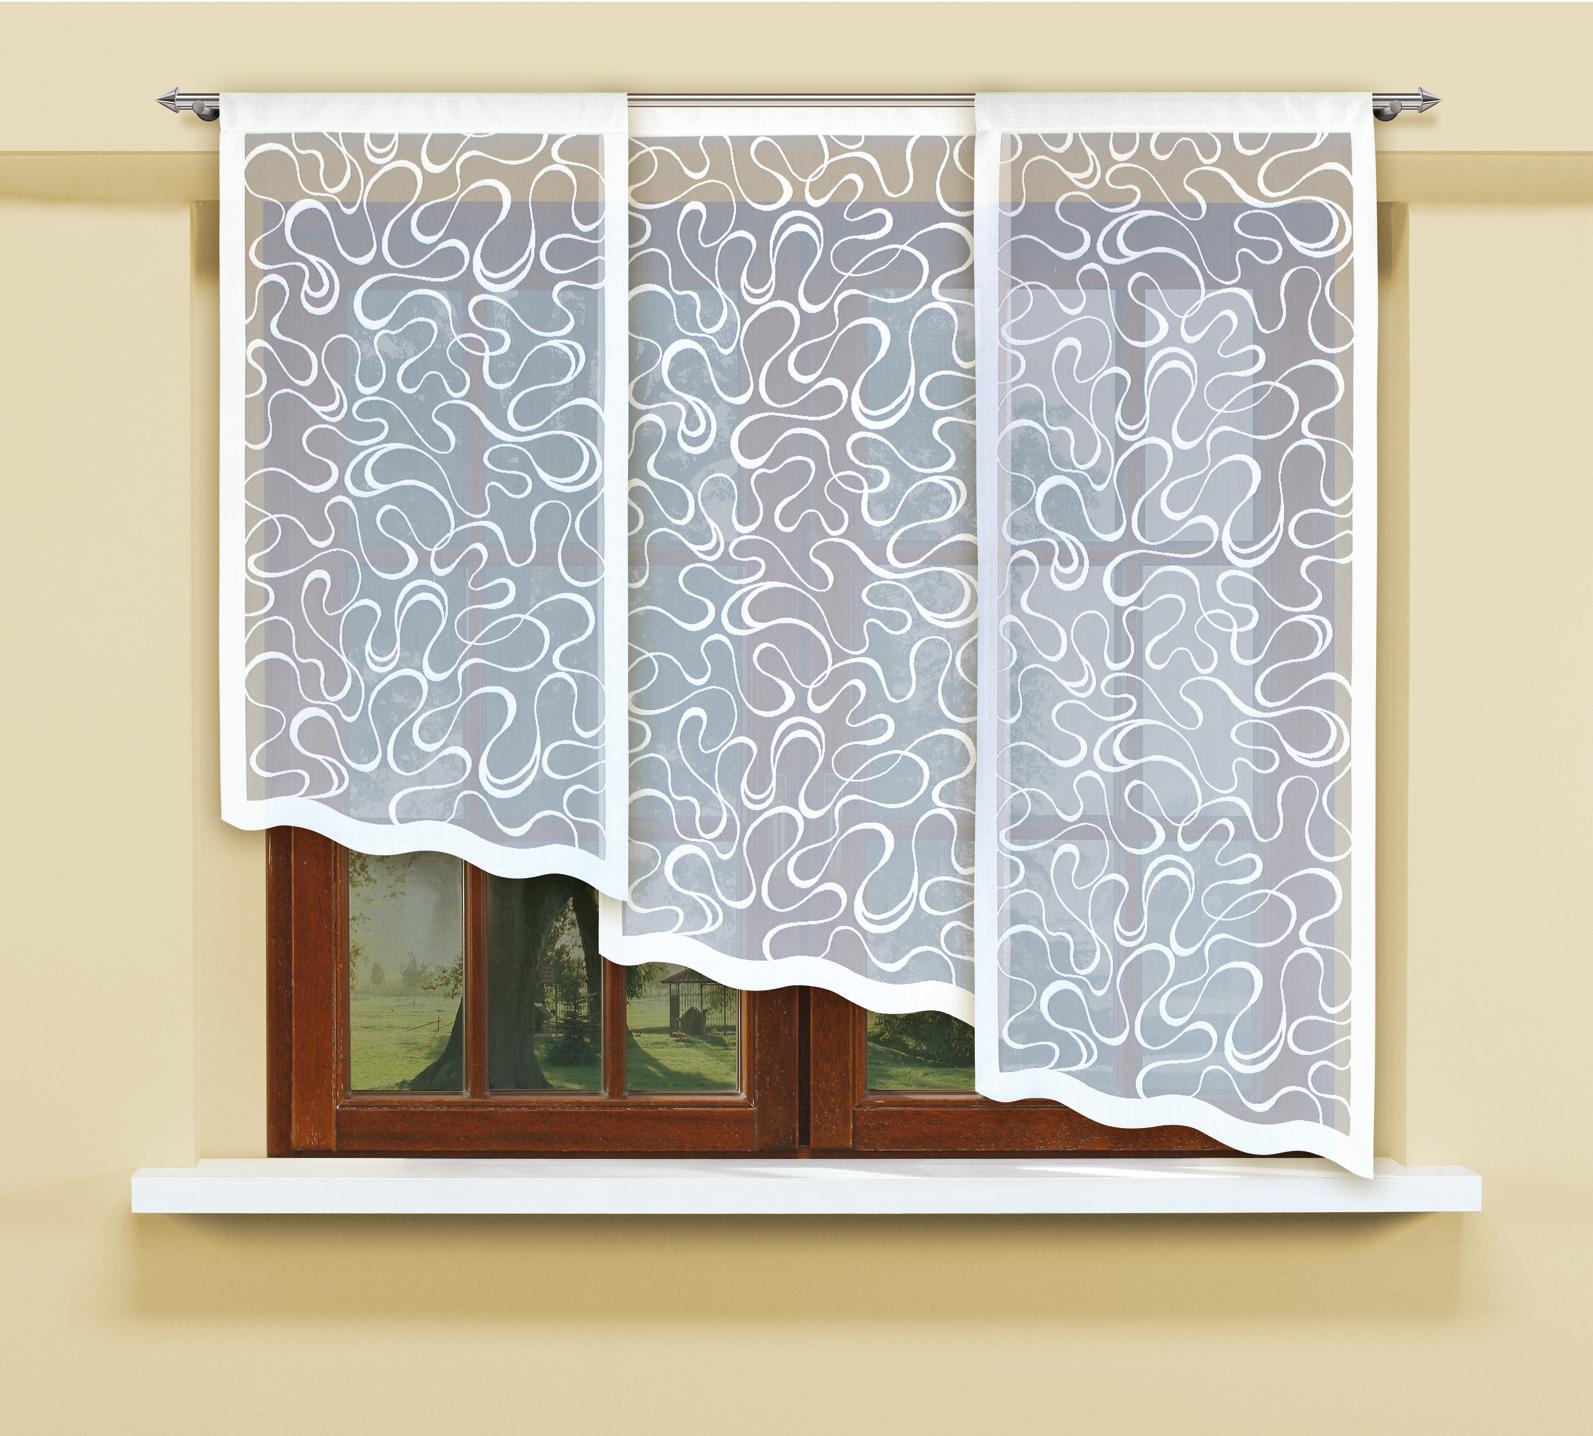 Комплект гардин Haft, на кулиске, цвет: белый, 3 шт. 207750207750/160Воздушные гардины Haft великолепно украсят любое окно. Комплект состоит из трех гардин, выполненных из полиэстера. Изделие имеет оригинальный дизайн и органично впишется в интерьер помещения. Комплект крепится на карниз при помощи кулиски. Размеры гардин: 160 х 60 см; 140 х 60 см; 120 х 60 см.